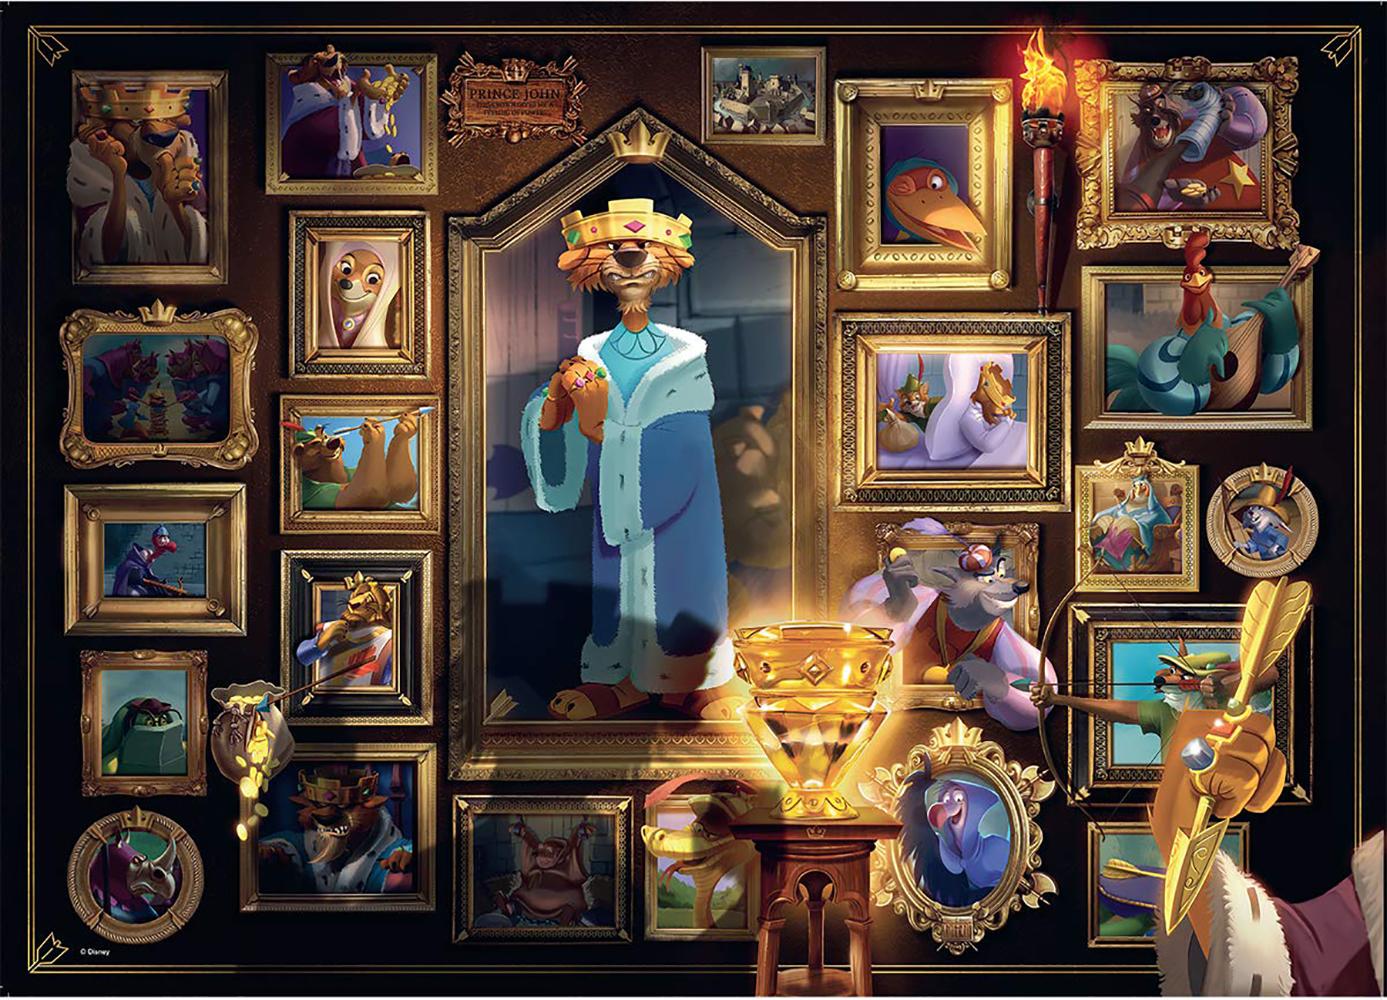 Casse-tête 1000 pièces - Disney Roi Jean